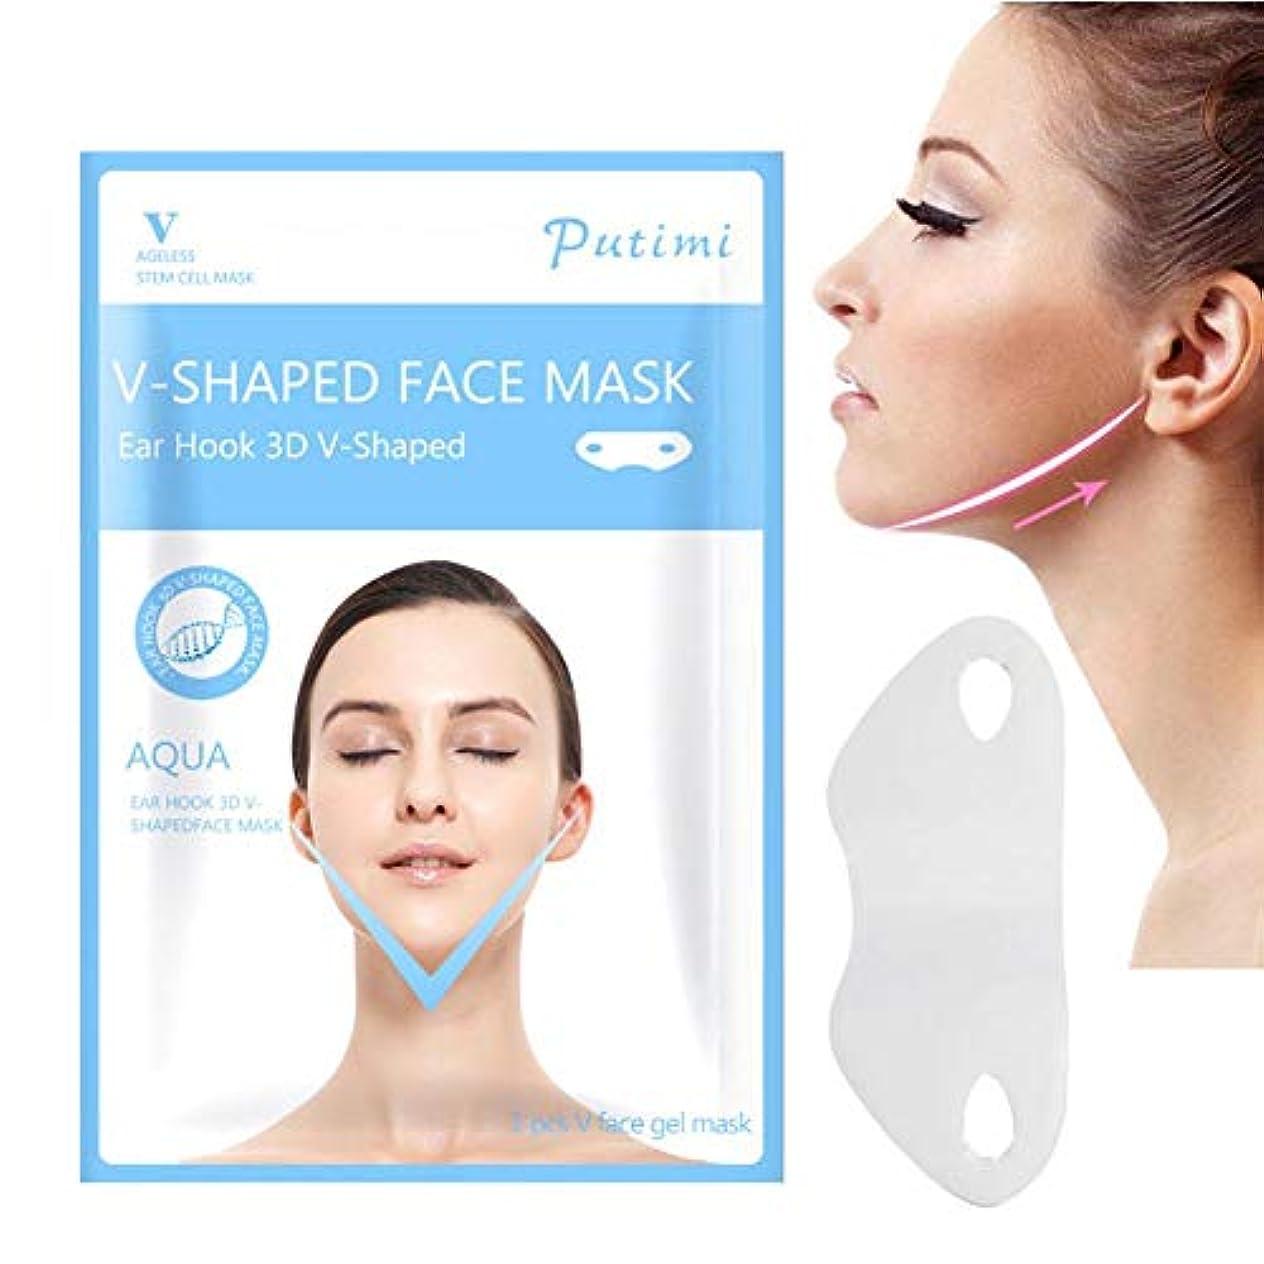 バレーボール水平誕生SILUN 最新型 Vフェイシャルマスク フェイスマスク 小顔 マスク フェイスラインベルト 美顔 顔痩せ 保湿 血行を促進する 睡眠マスク